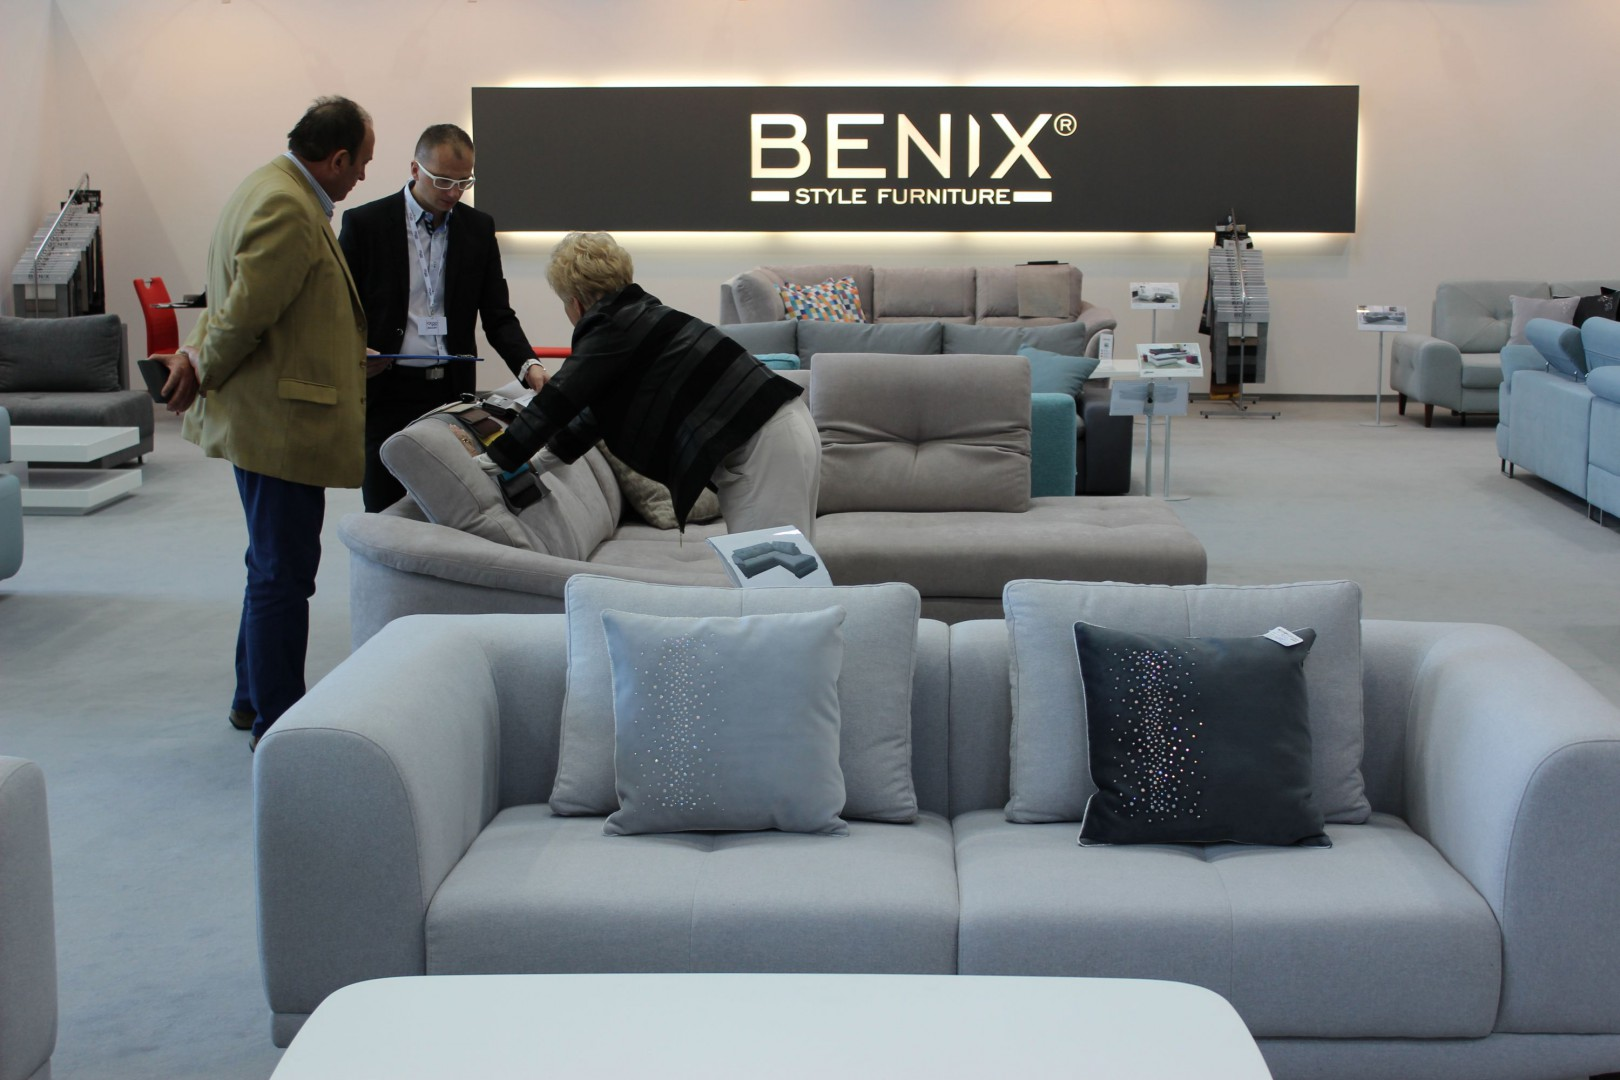 Meble firmy Benix. Fot. Archiwum